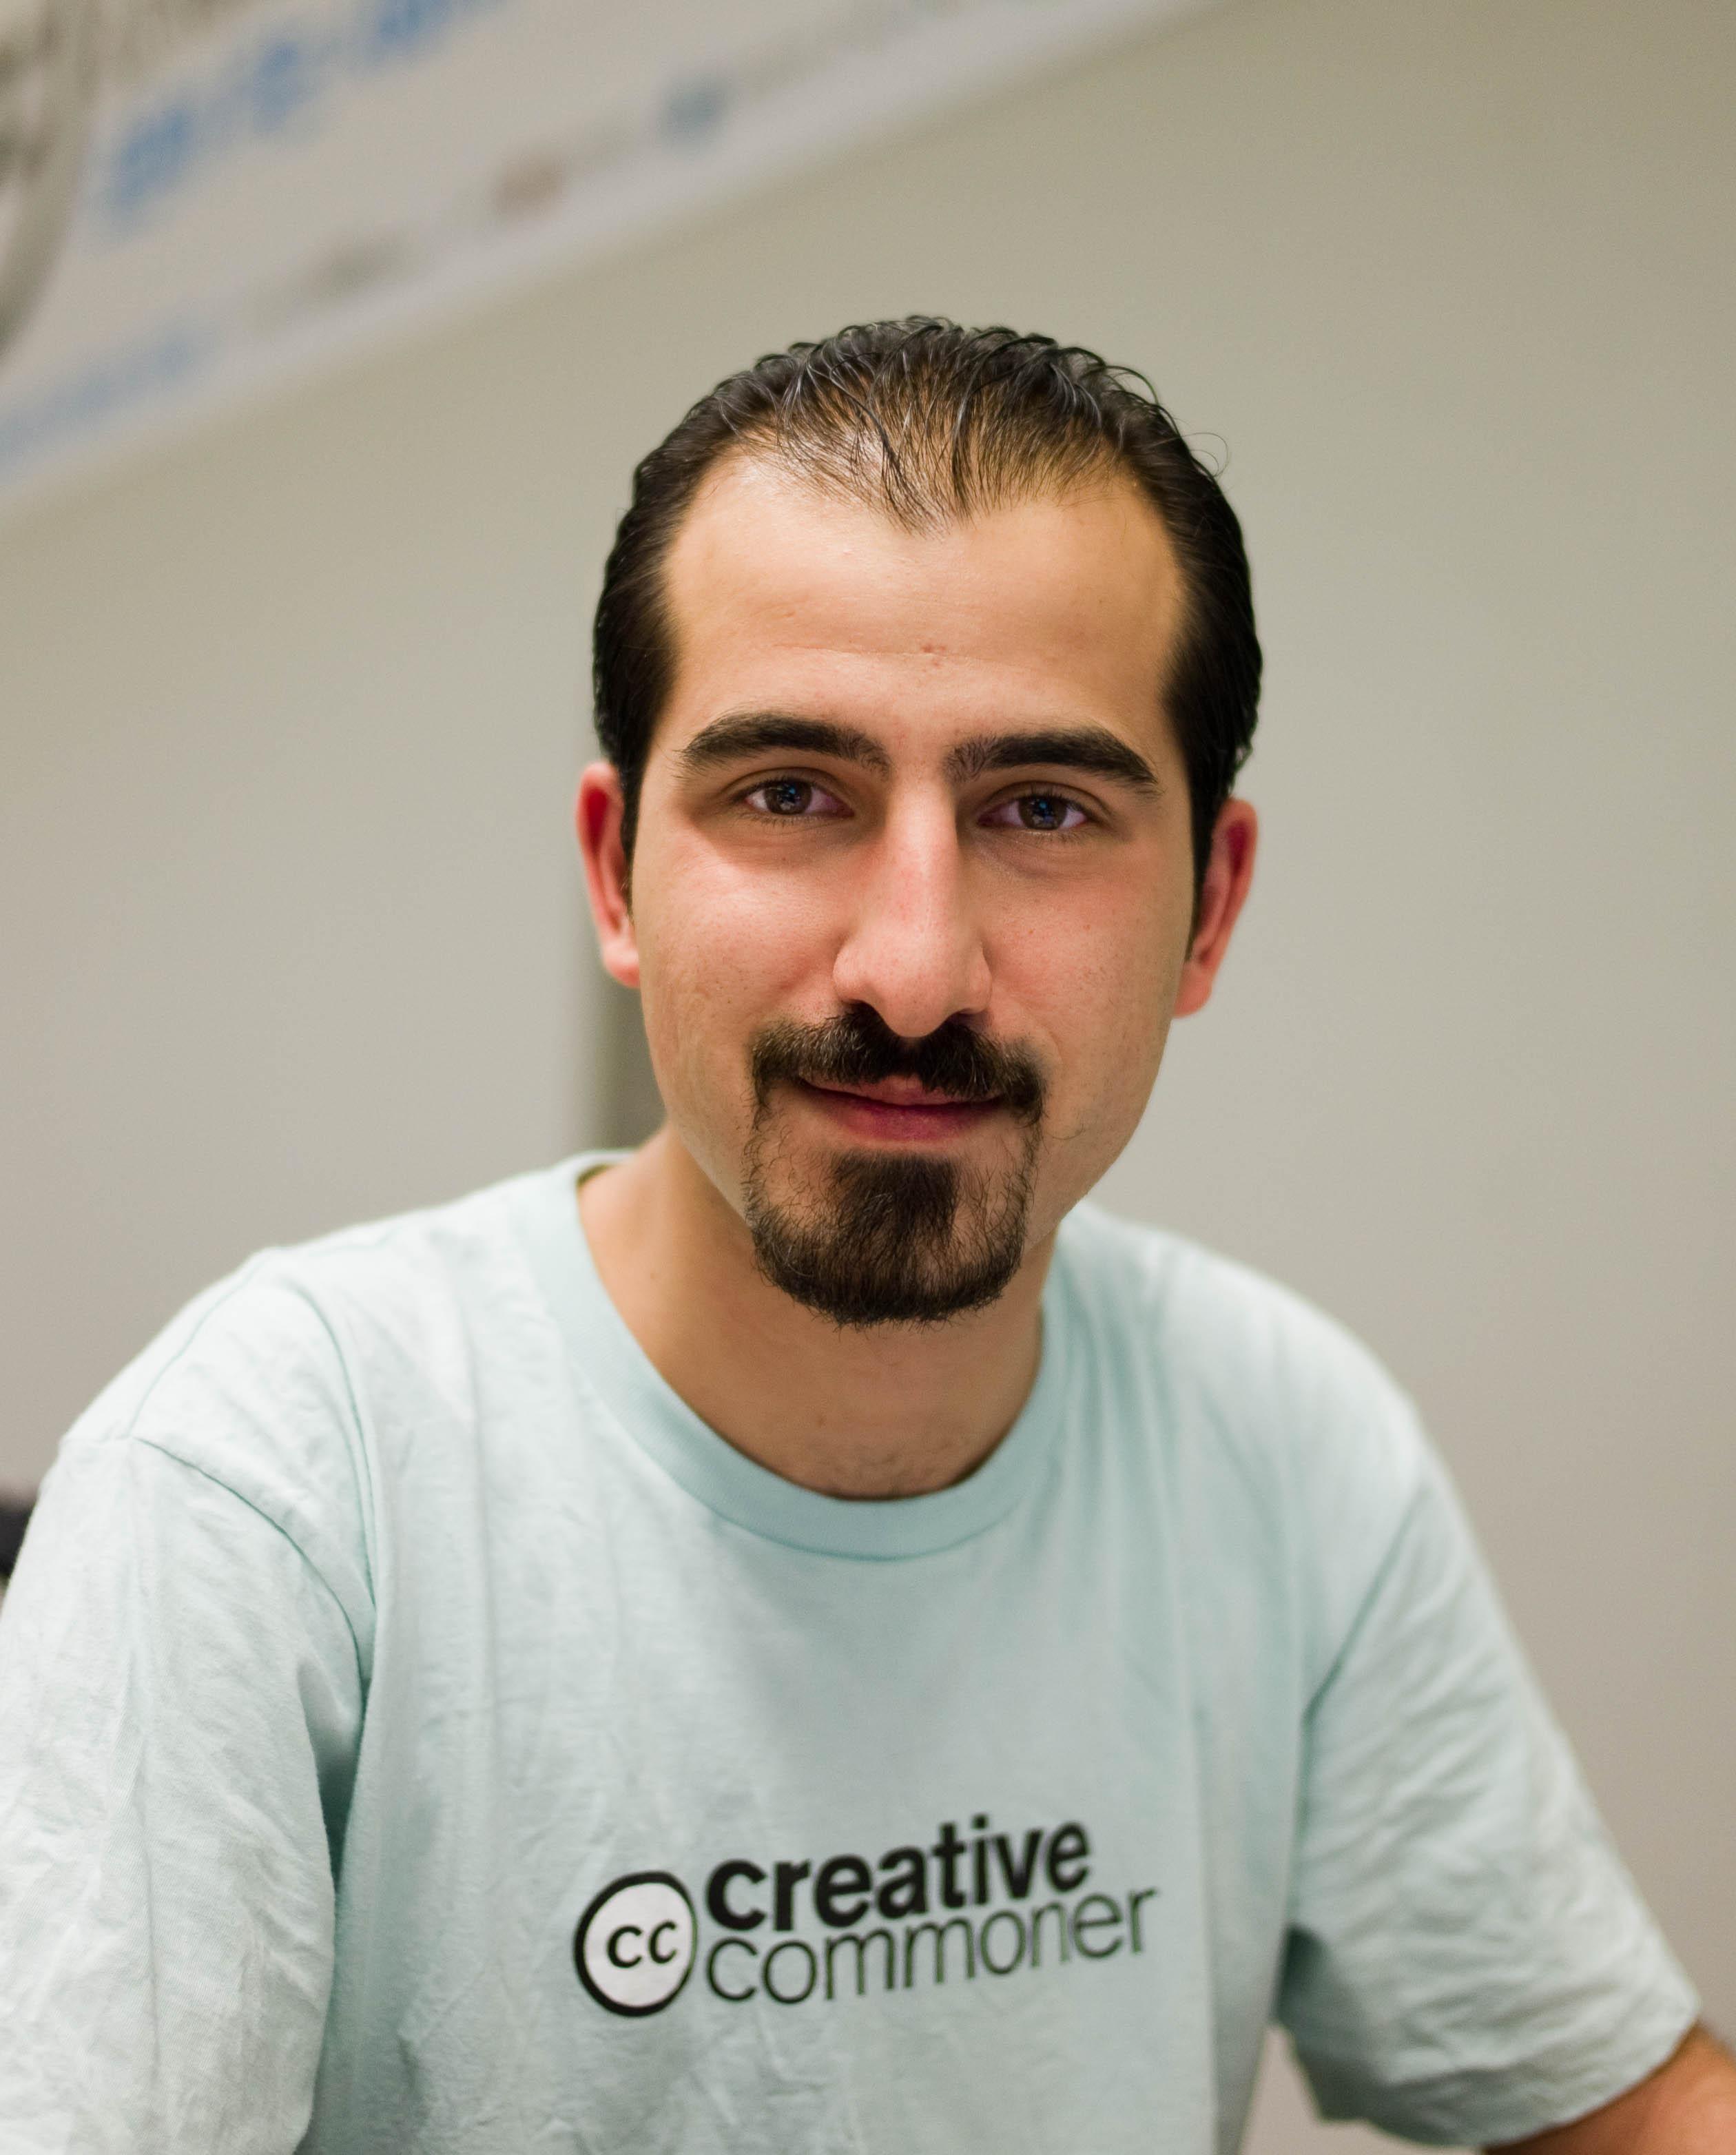 La sua storia continua a vivere: l'eredità creativa di Bassel Khartabil